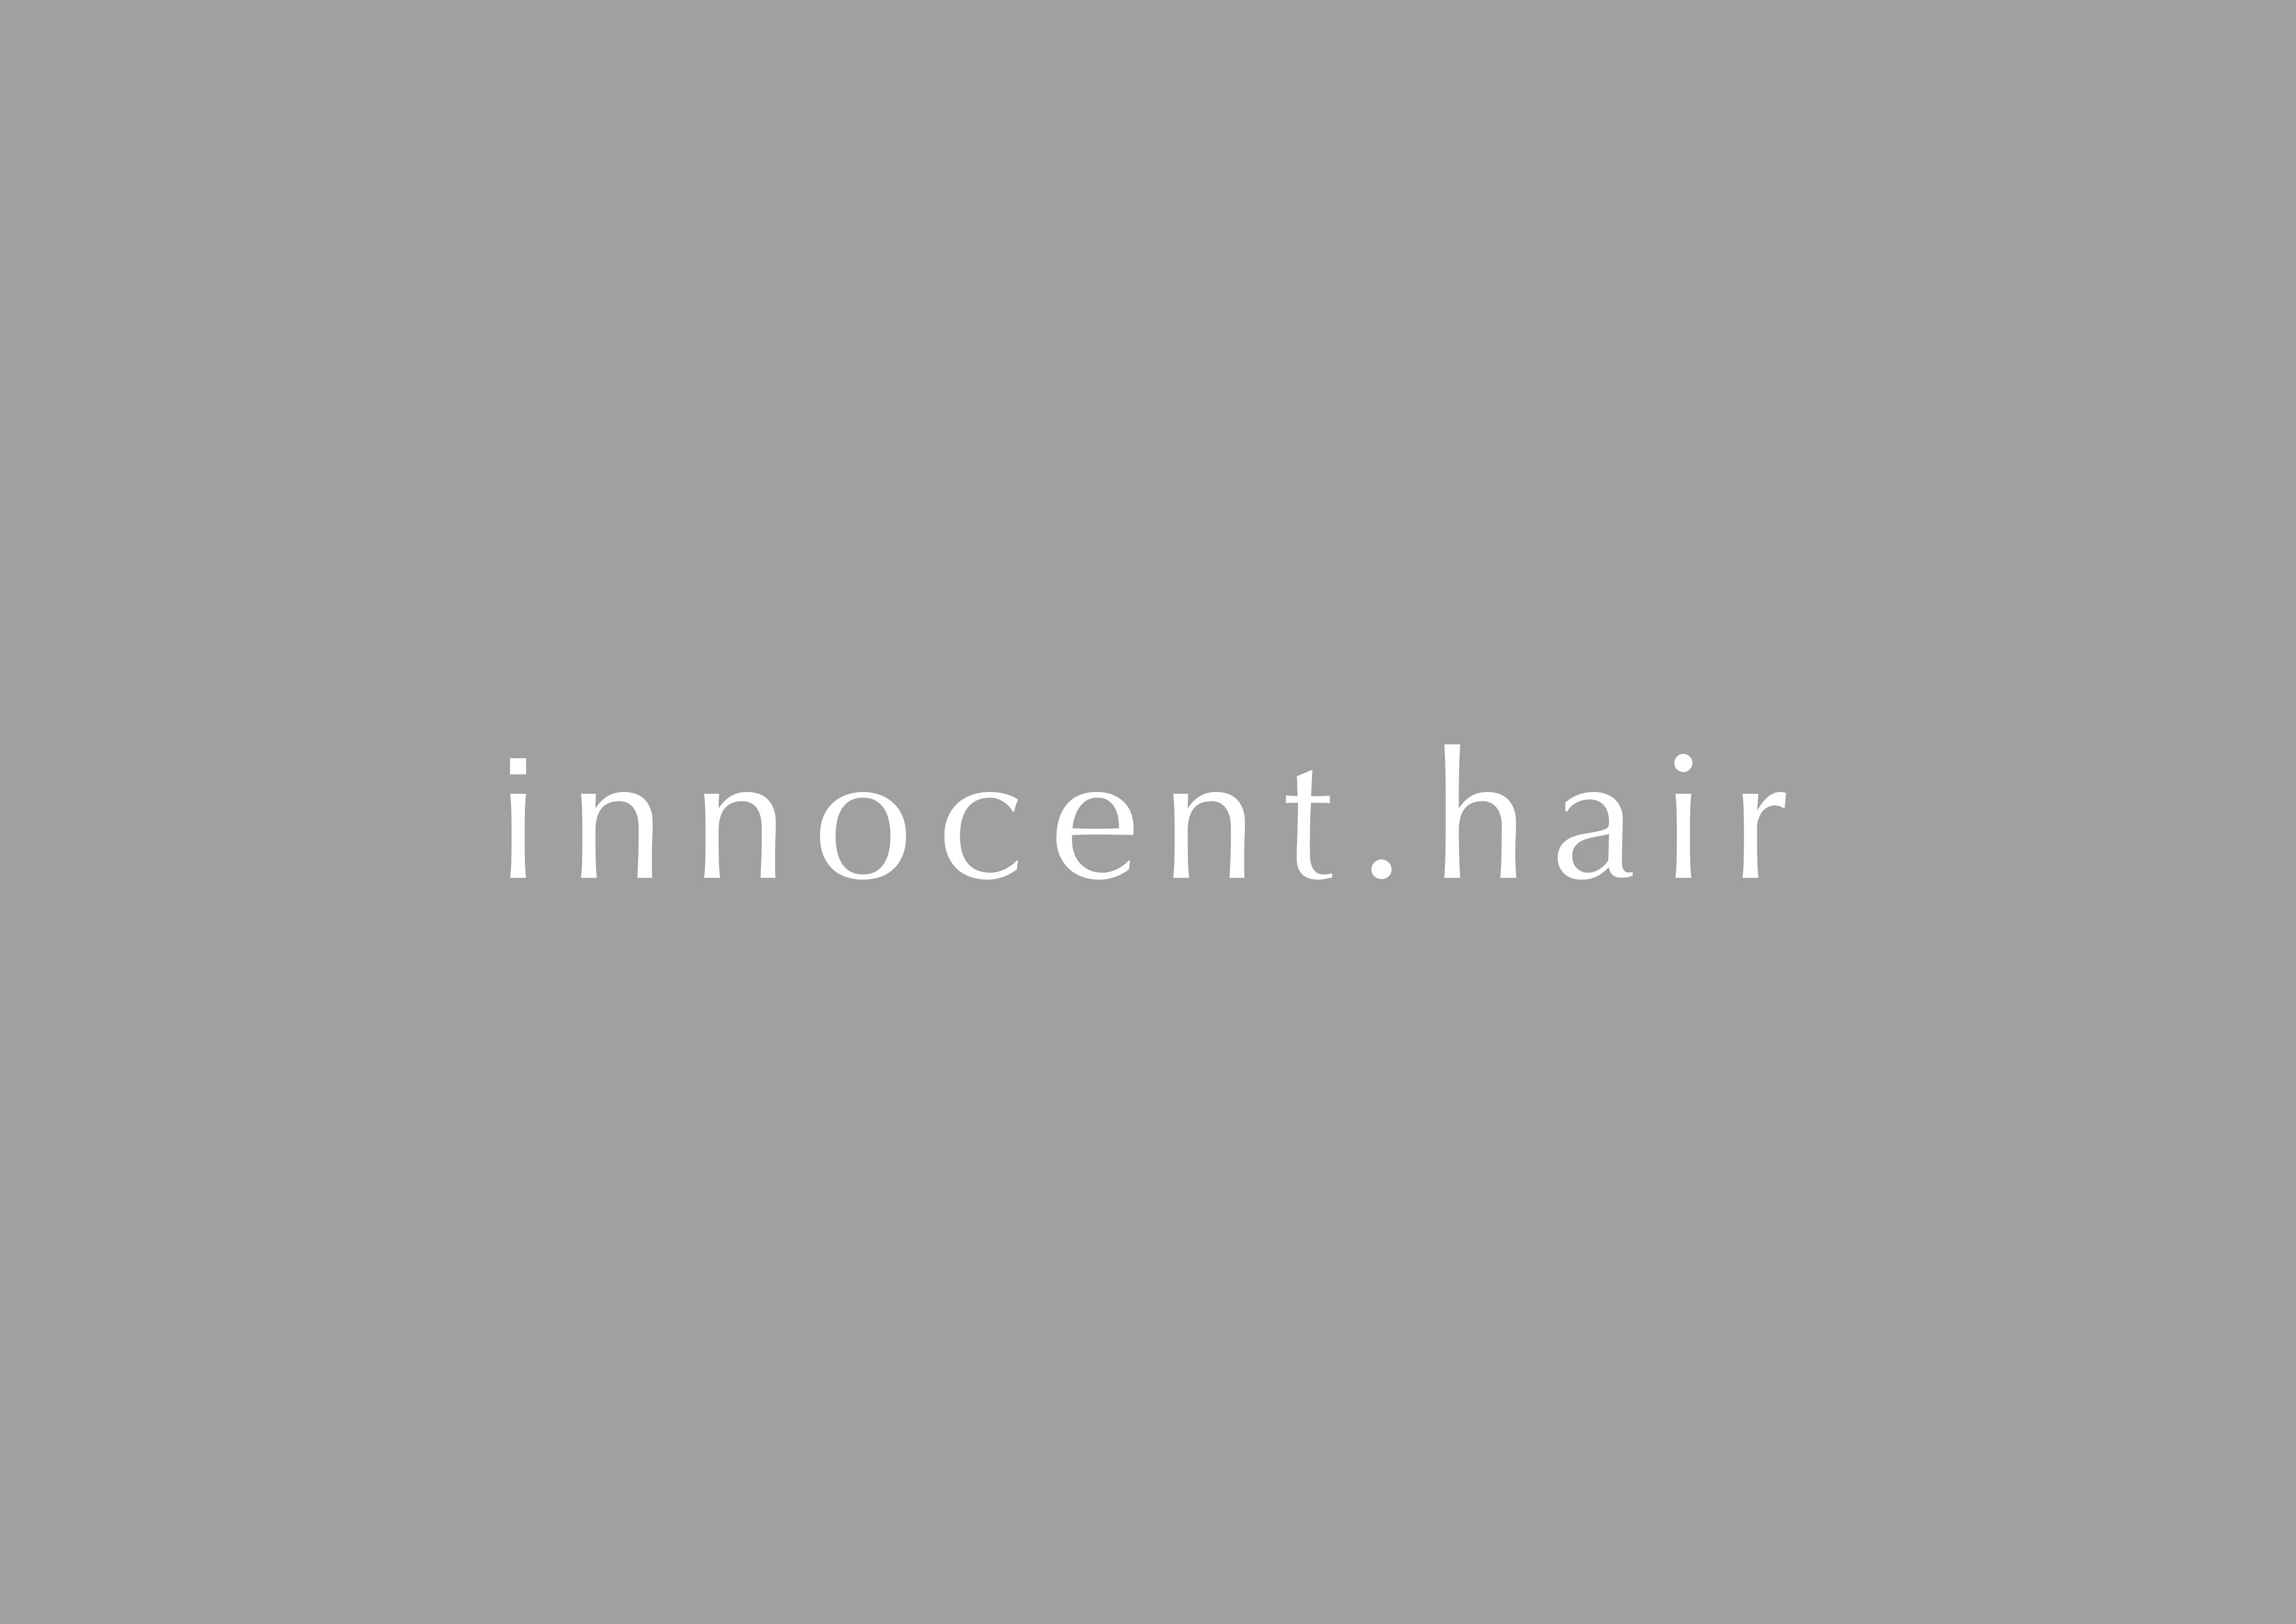 平尾・薬院にある美容室innocent.hair